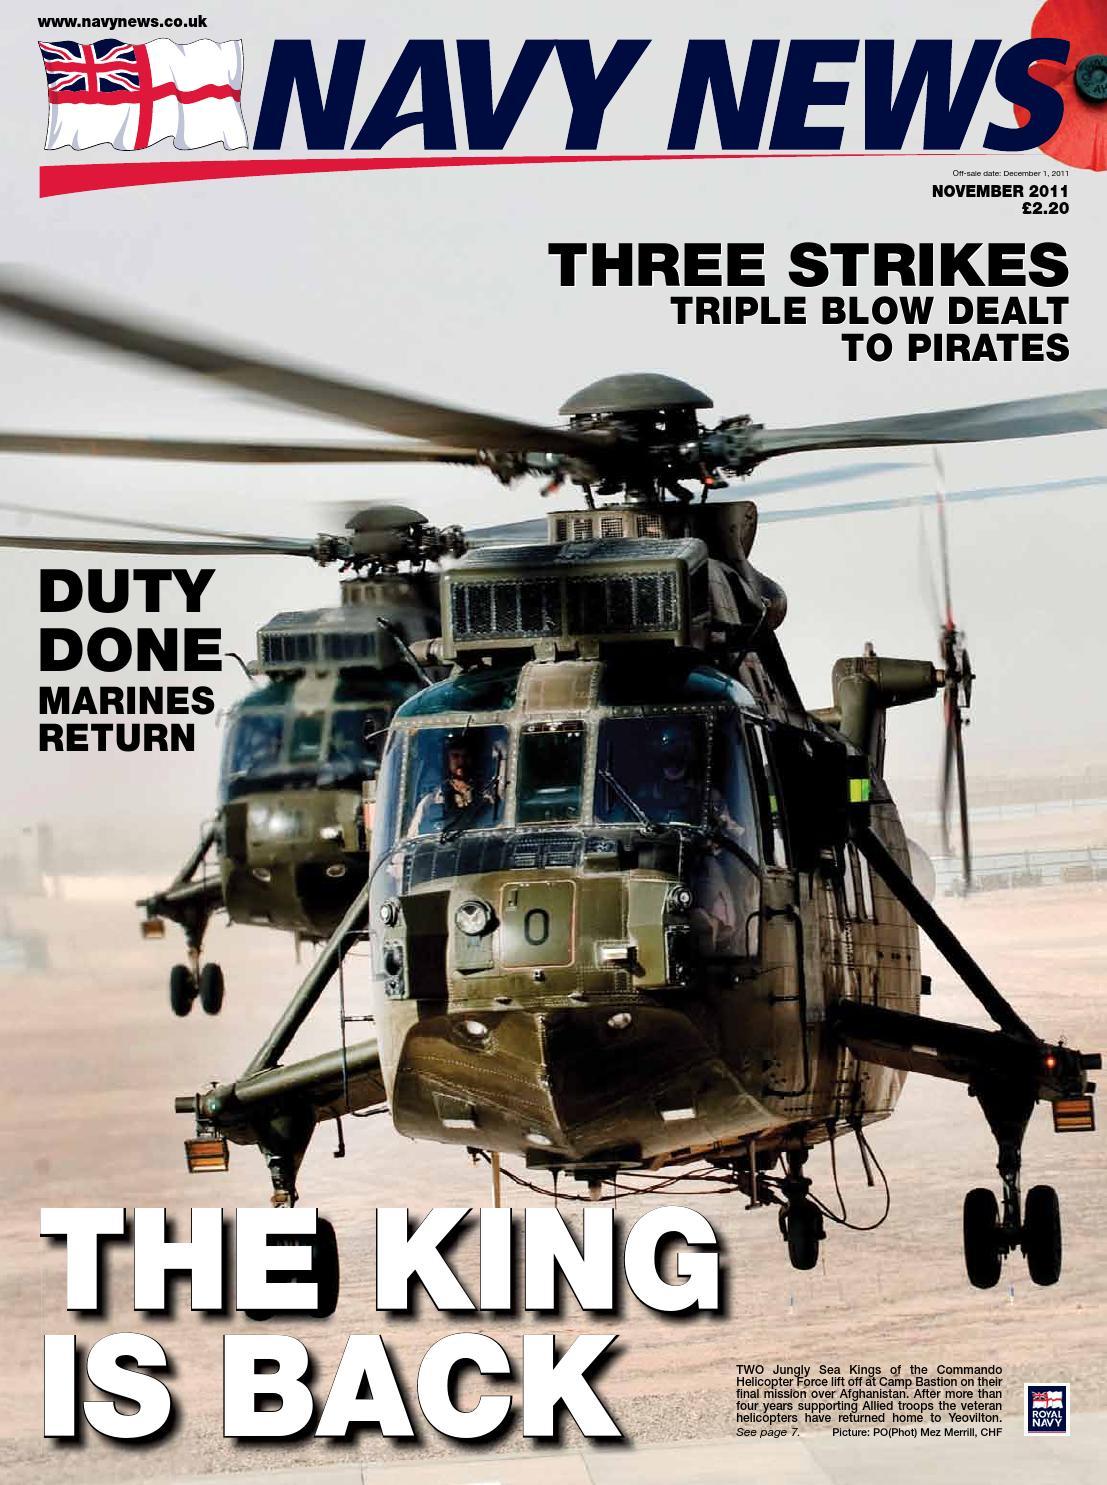 Helikopter i malpase duger i afghanistan